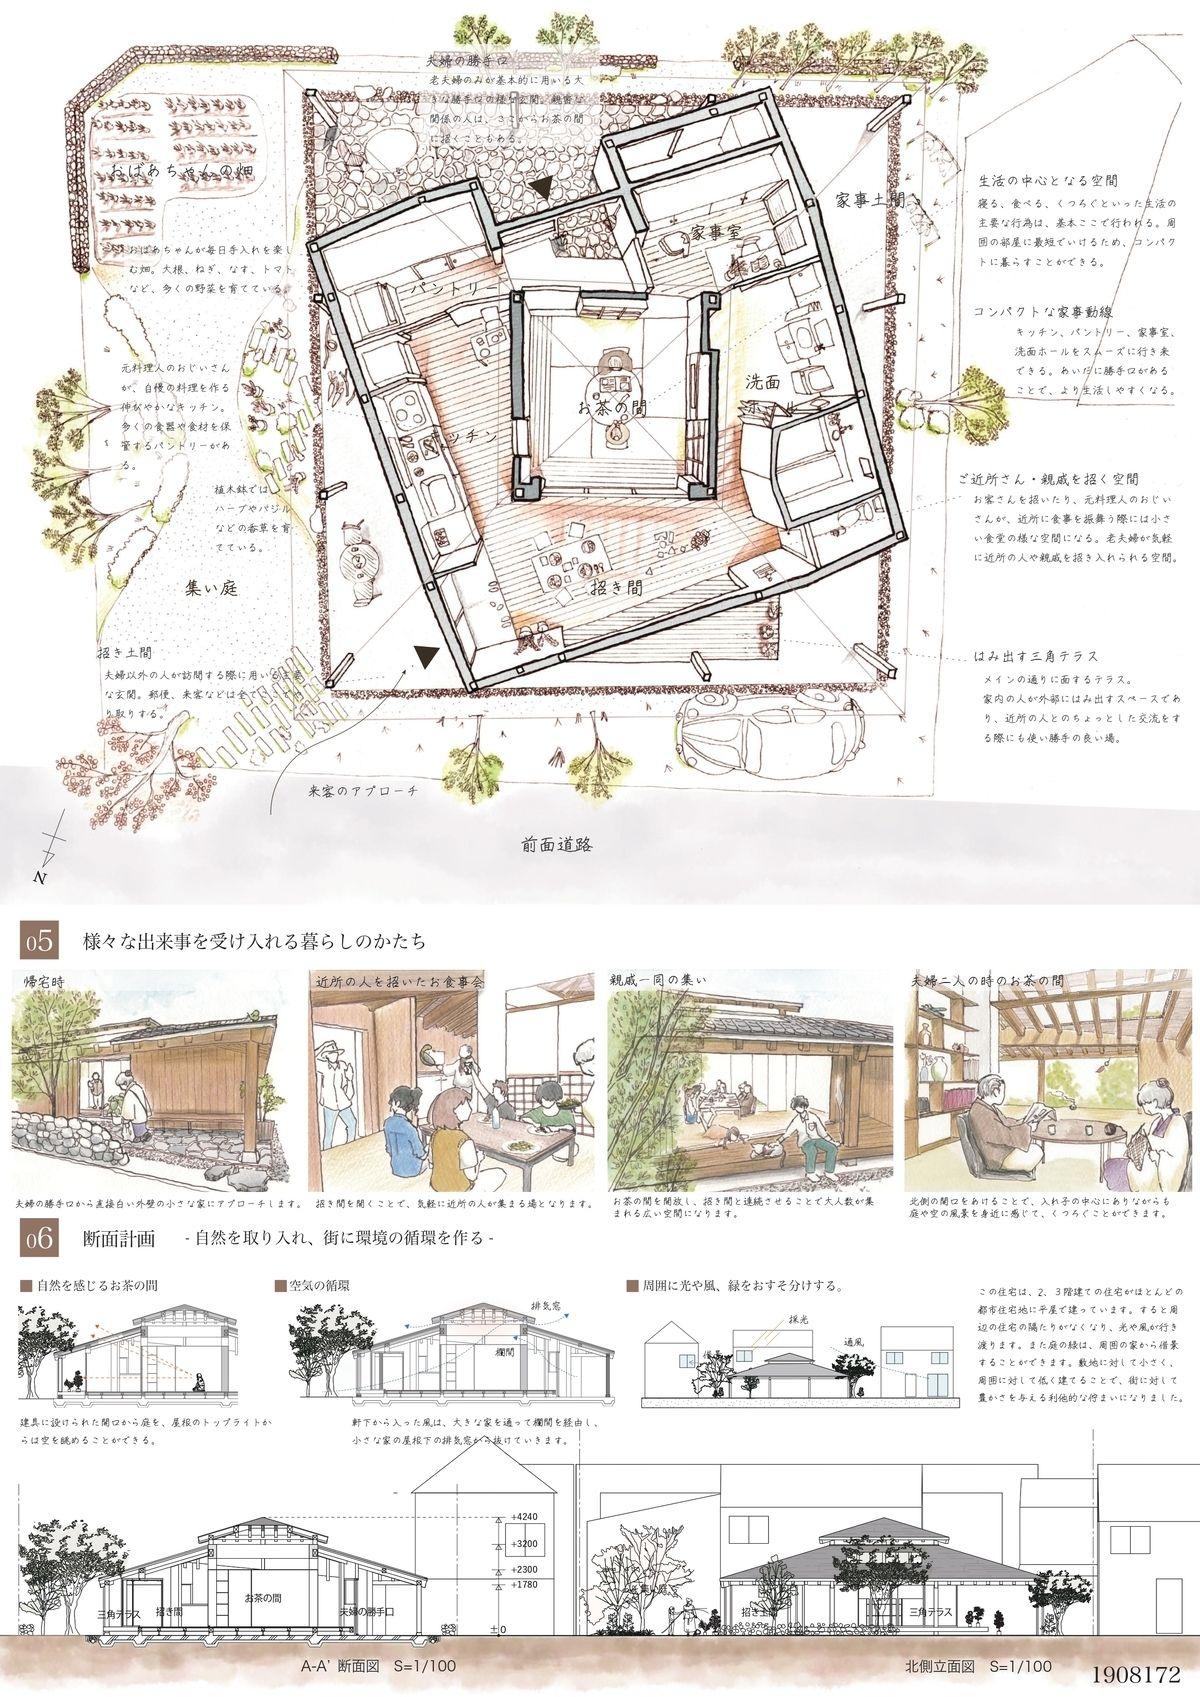 受賞作品 木の家設計グランプリ プレゼンテーション ボード